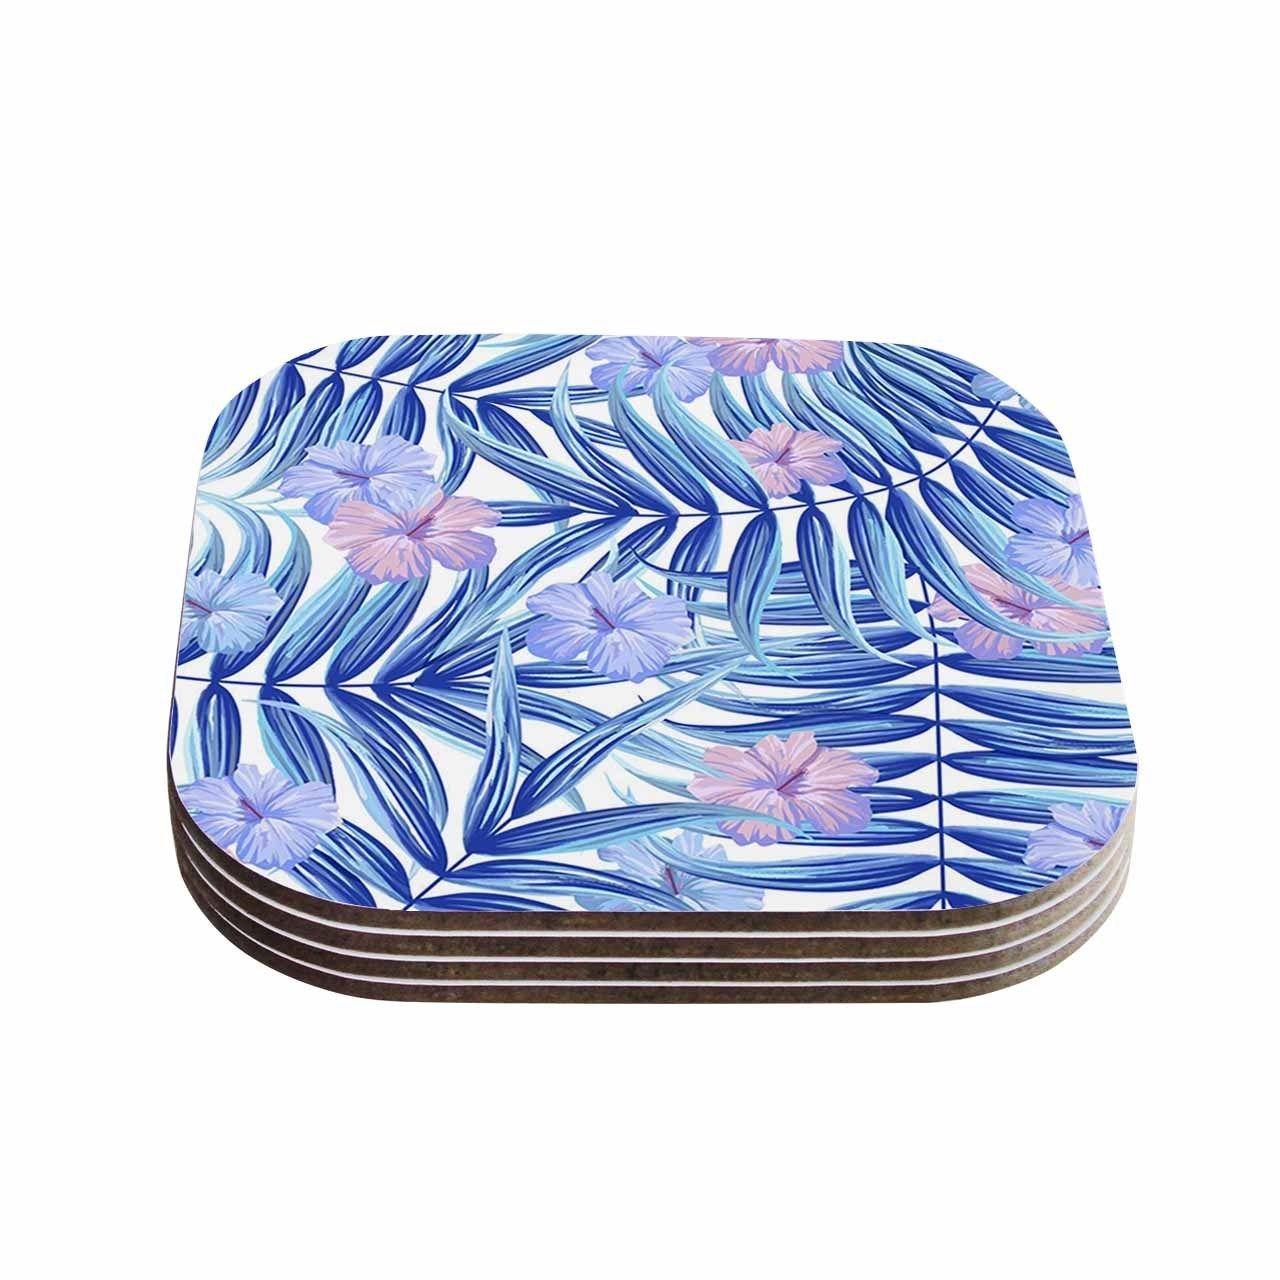 Kess InHouse Marta Olga Klara 'Hawaiian Pattern' Lavender Coasters